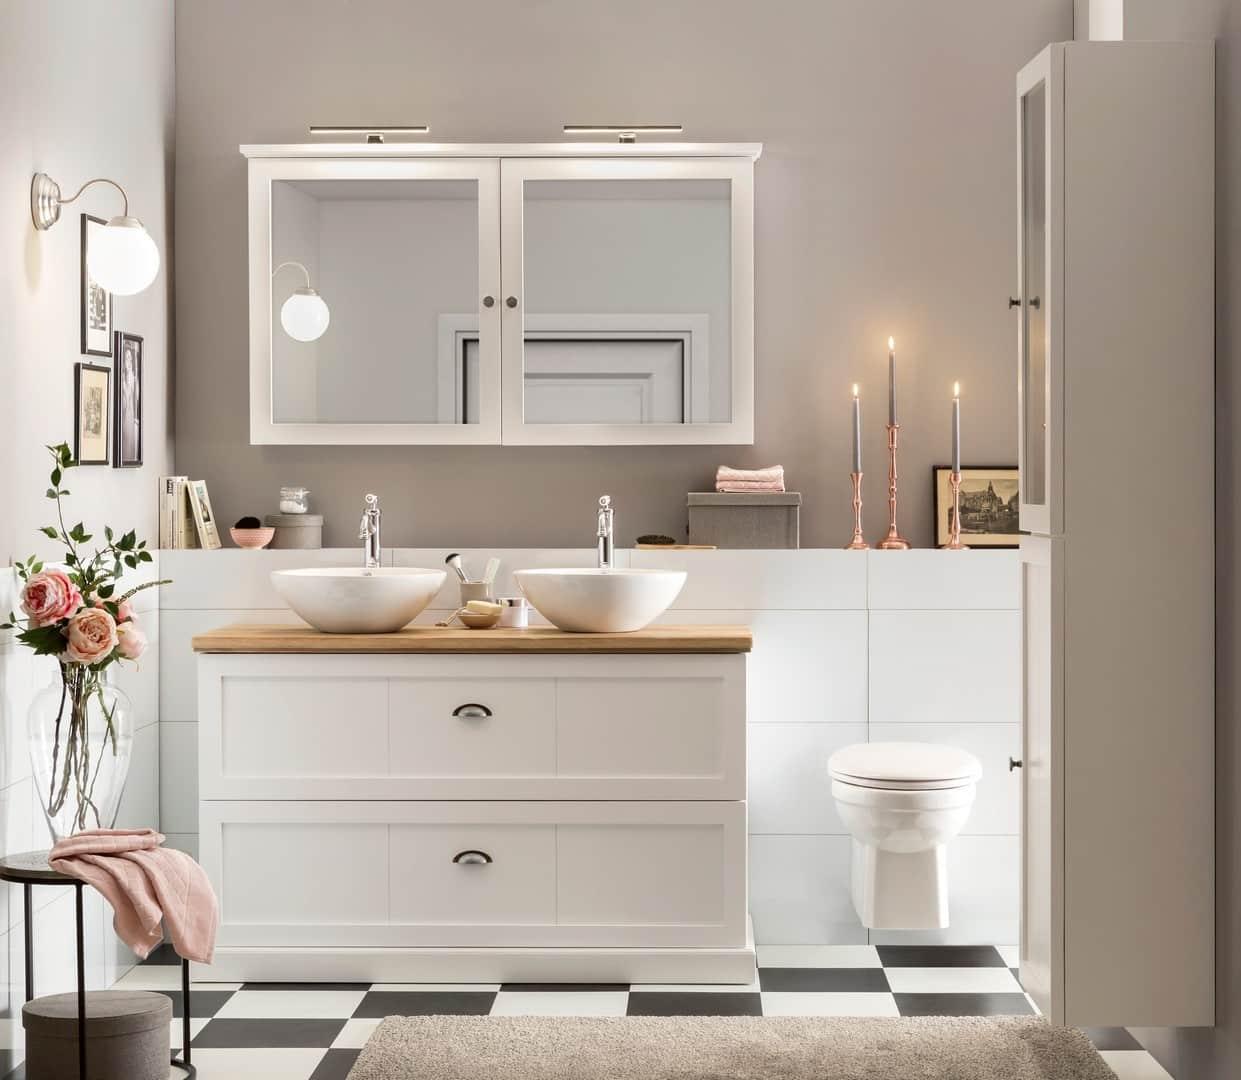 Mooi badkamermeubel in het wit op pootjes met eiken wastafelblad en bijpassende spiegelkast